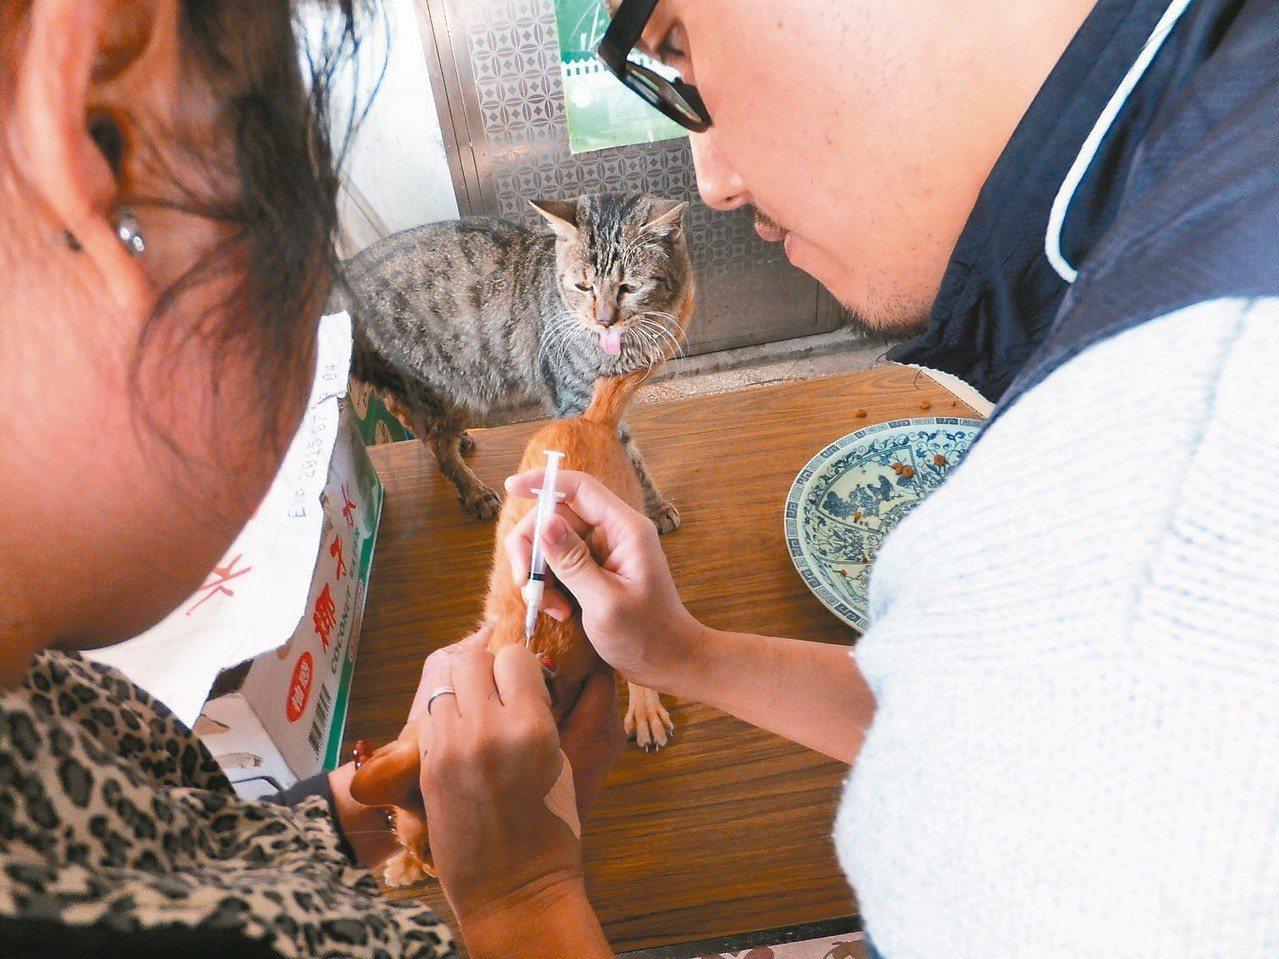 猴硐貓村的貓每年都會定期施打三合一疫苗,以防範貓瘟等疾病。 圖/新北市動保處提供